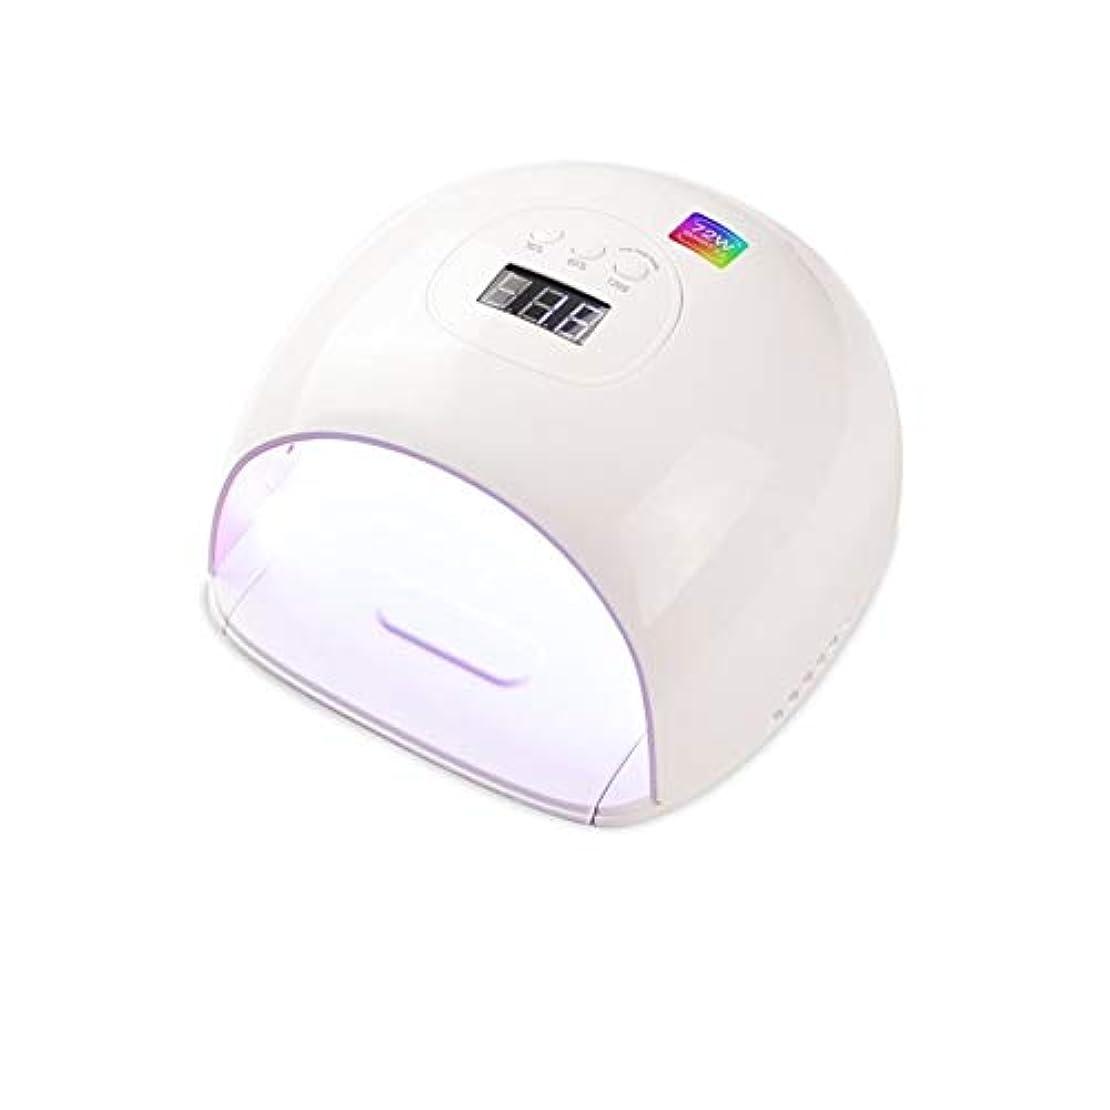 誓い転用雰囲気LittleCat UV / LEDランプスマートセンサネイルUVランプ電力72Wプラスチックポーランドドライヤー (色 : European standard circular plug)